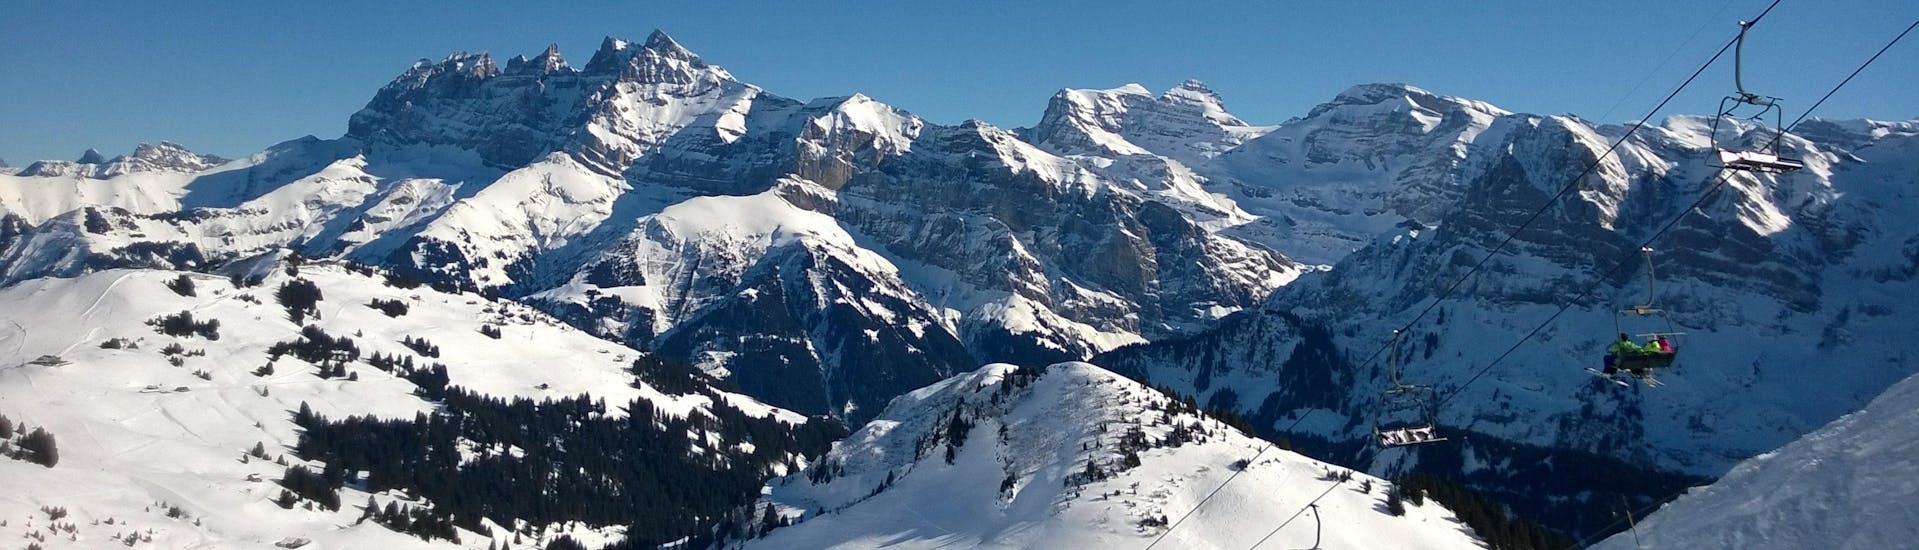 Vue des Dents du Midi près de la ville suisse de Champéry, une station de ski populaire où les touristes peuvent réserver des cours de ski avec l'une des écoles de ski locales.